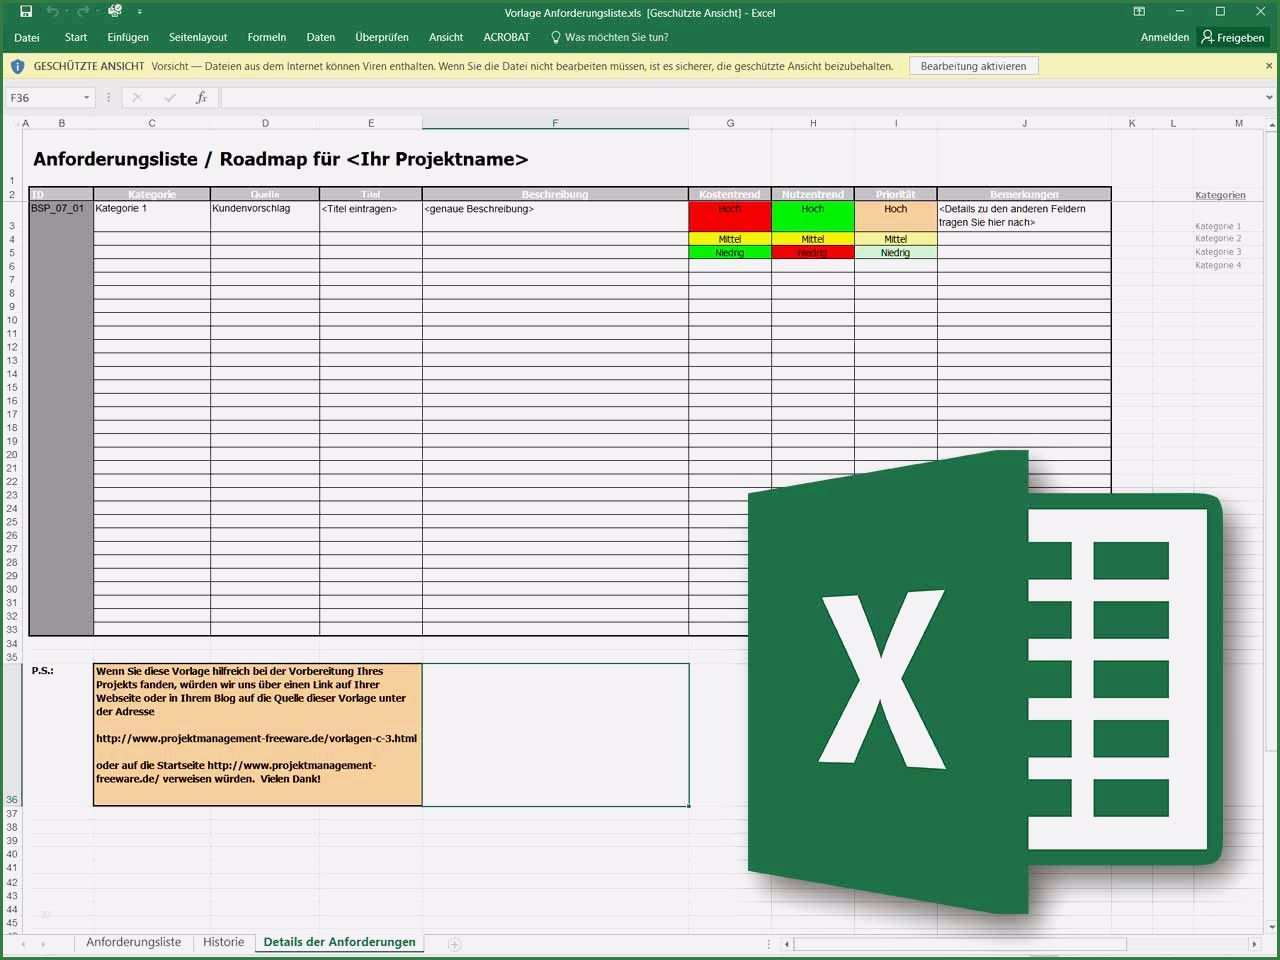 20 Einzigartig Excel Vorlage Projektmanagement Bilder Excel Vorlage Vorlagen Lebenslauf Briefkopf Vorlage